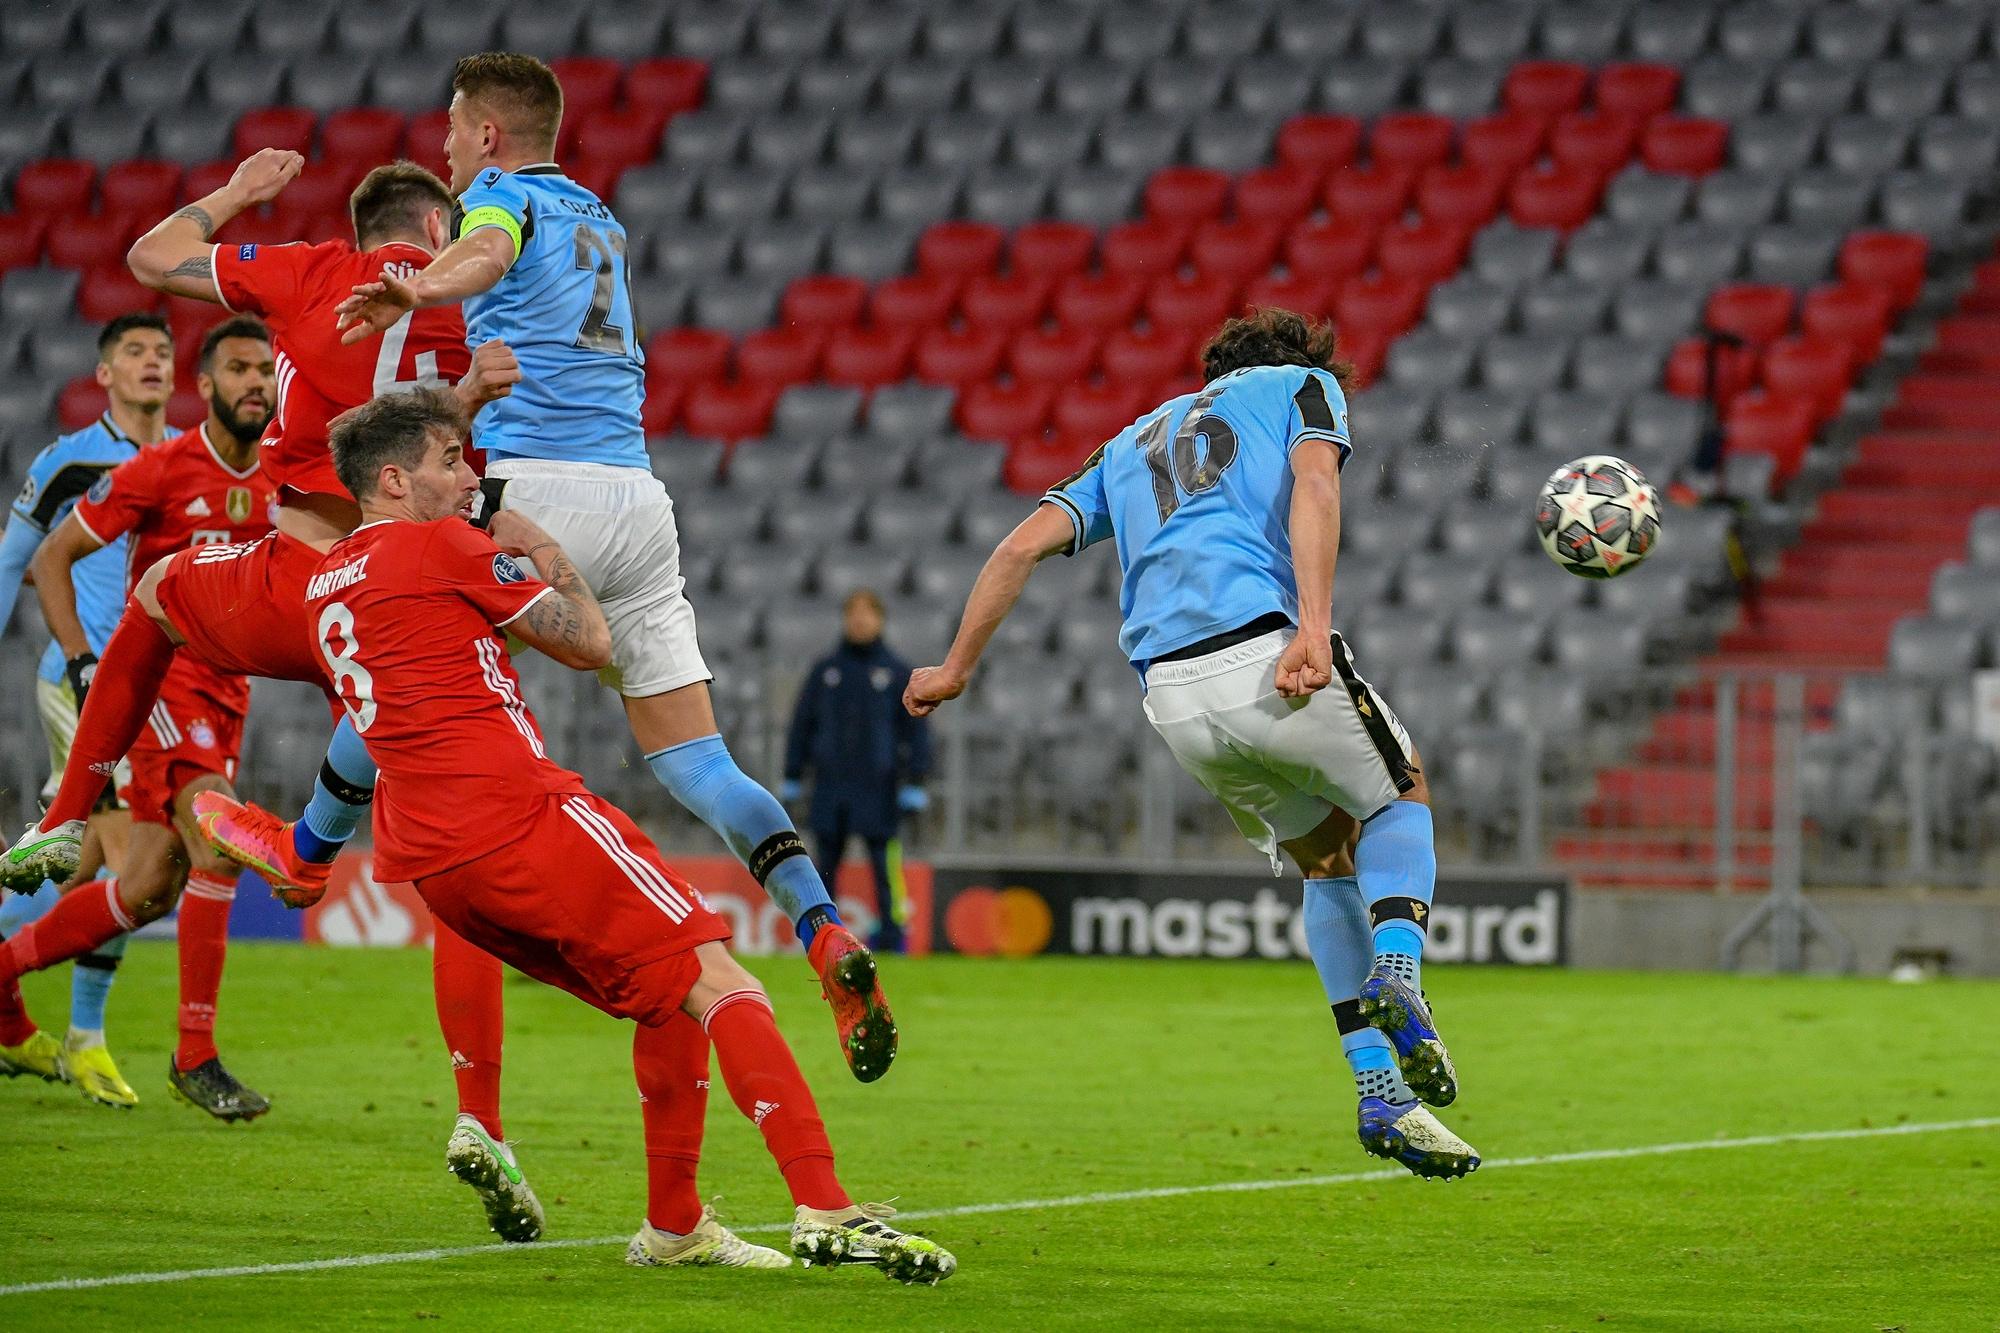 LA CRONACA | Champions League, Bayern-Lazio 2-1: Parolo, premio alla  carriera - Ogni maledetta domenica